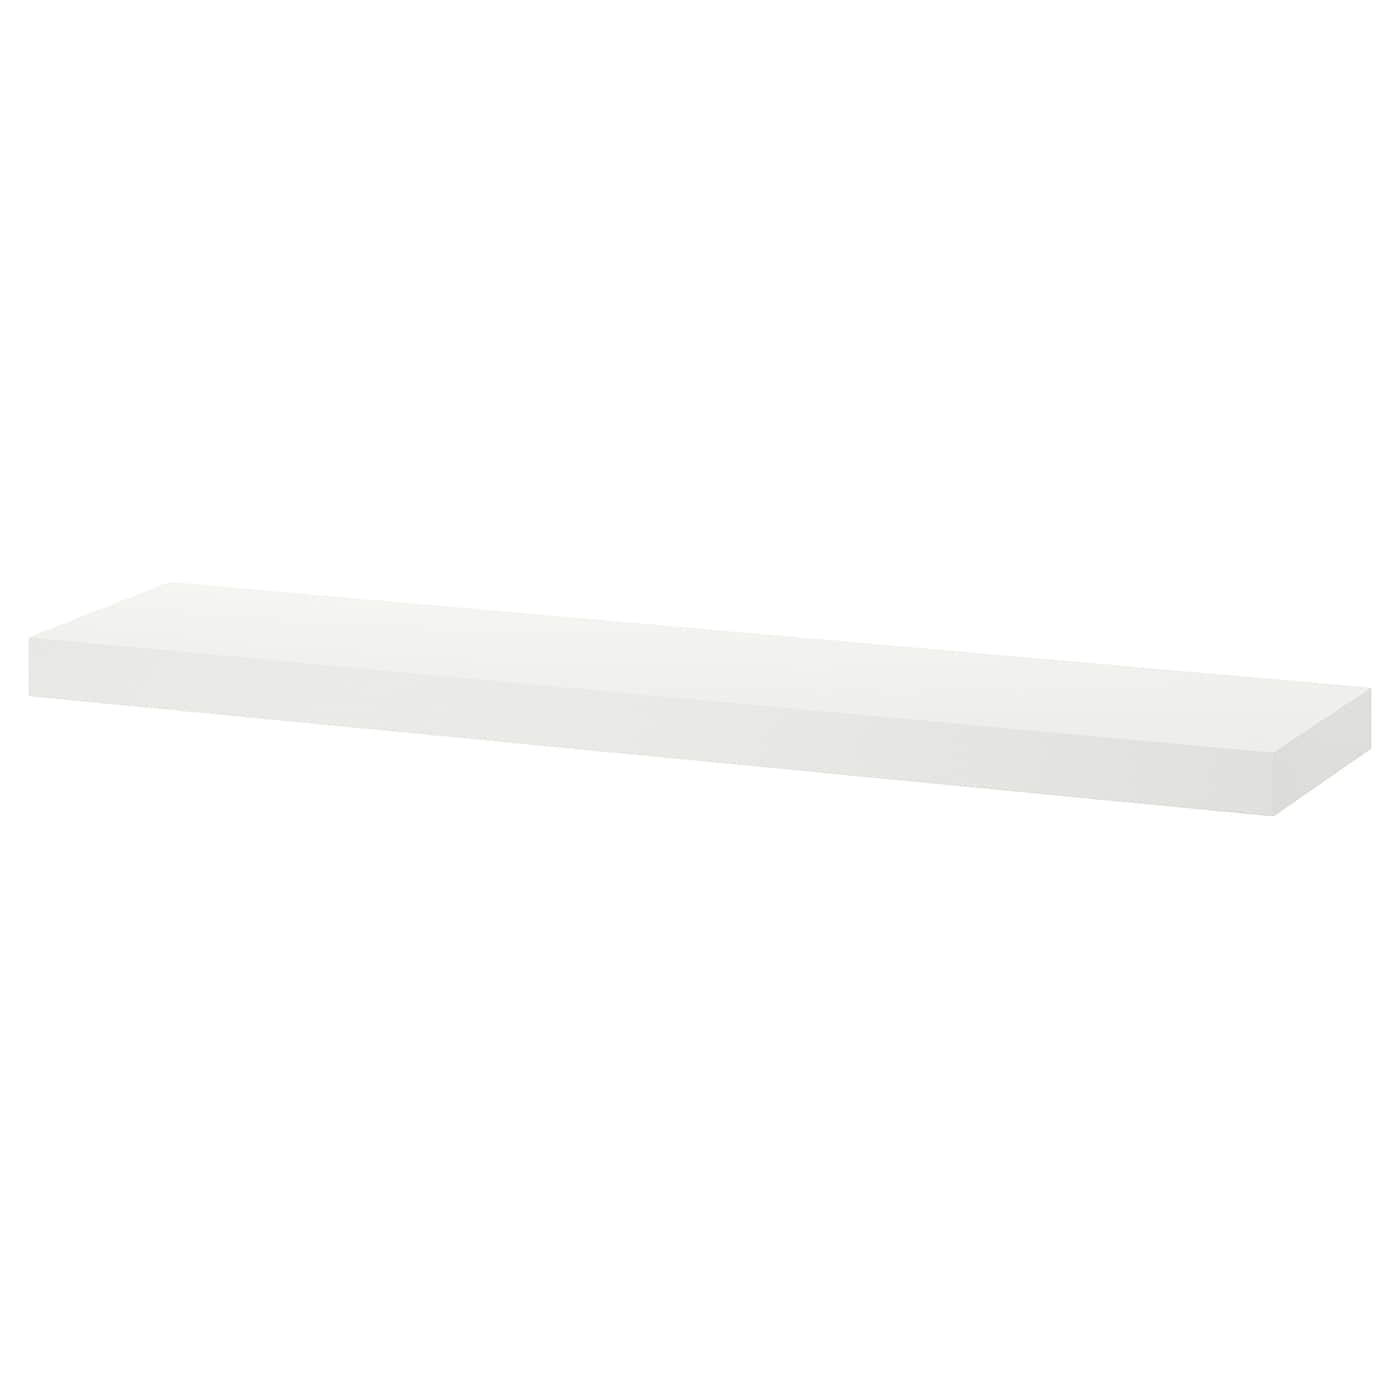 Onzichtbaar Ophangsysteem Voor Planken.Lack Wandplank Wit 110 X 26 Cm Ikea